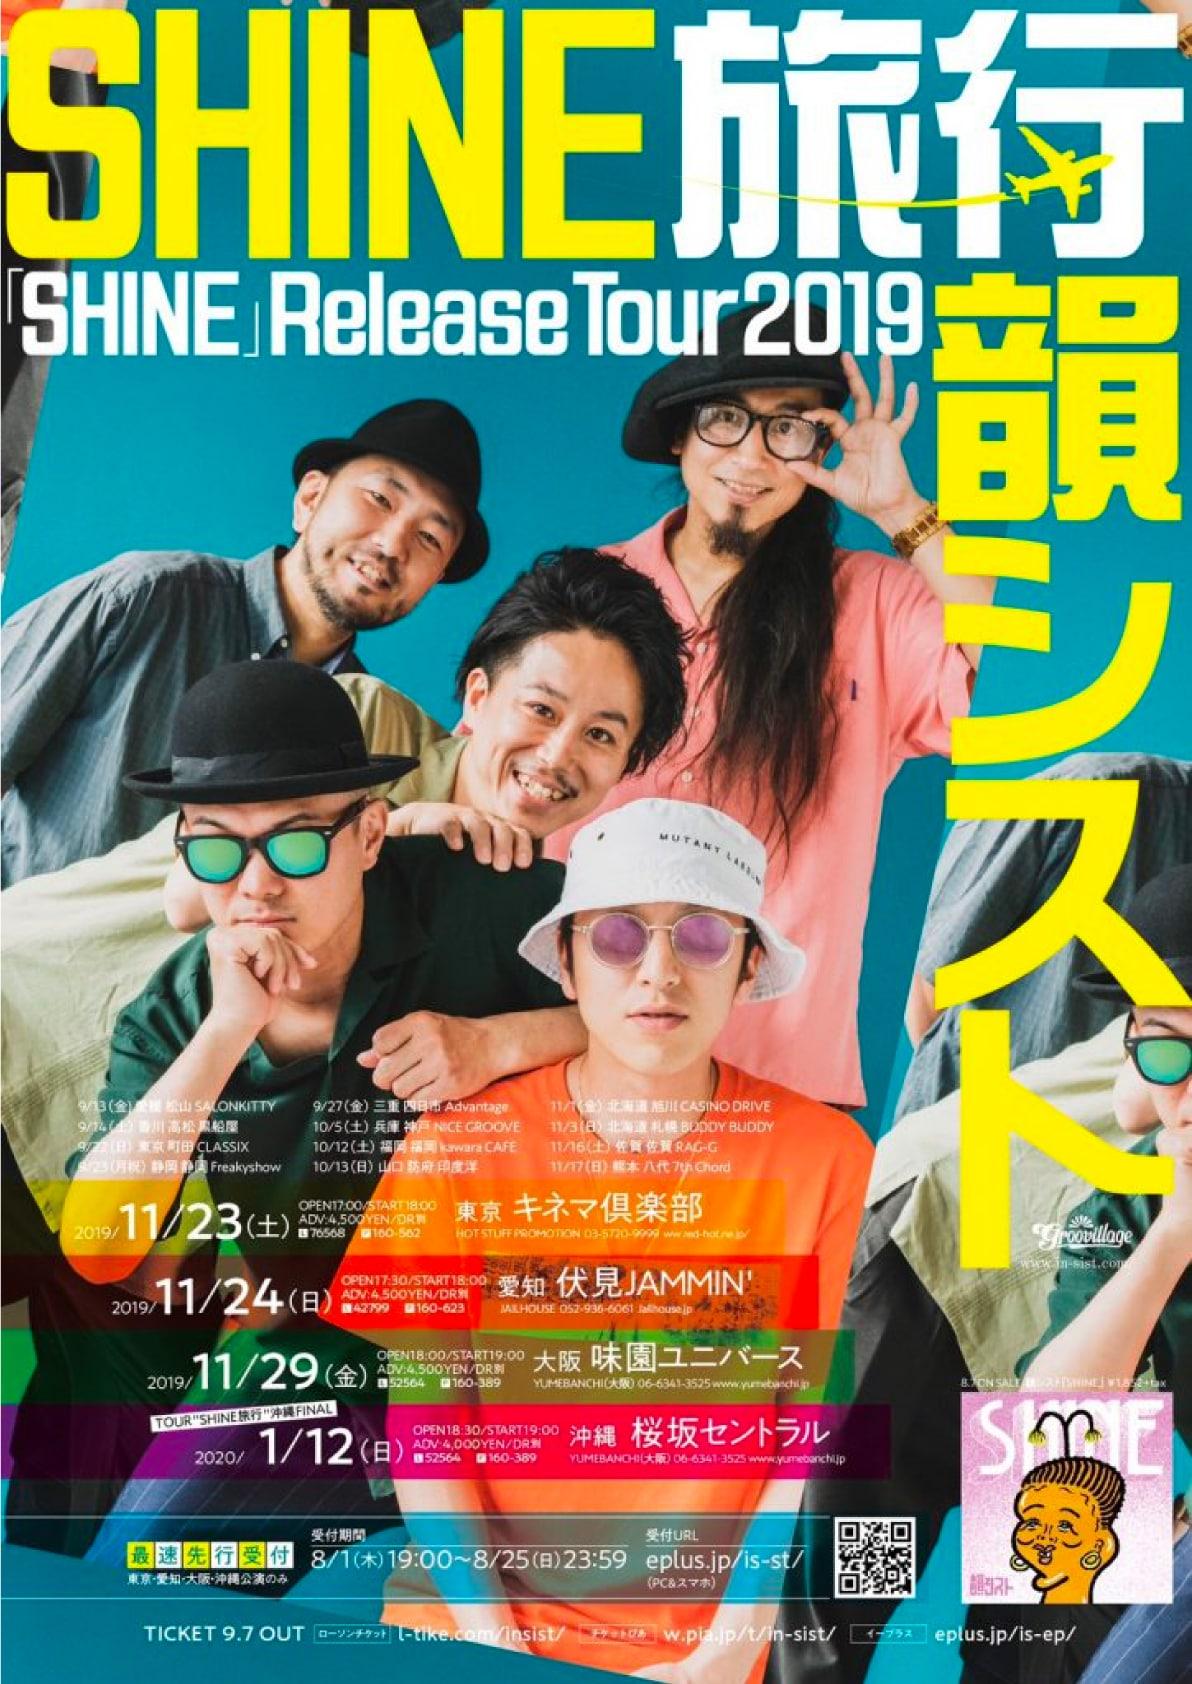 """韻シスト TOUR 2019"""" SHINE旅行""""@熊本 八代 7th Chordチラシ1"""